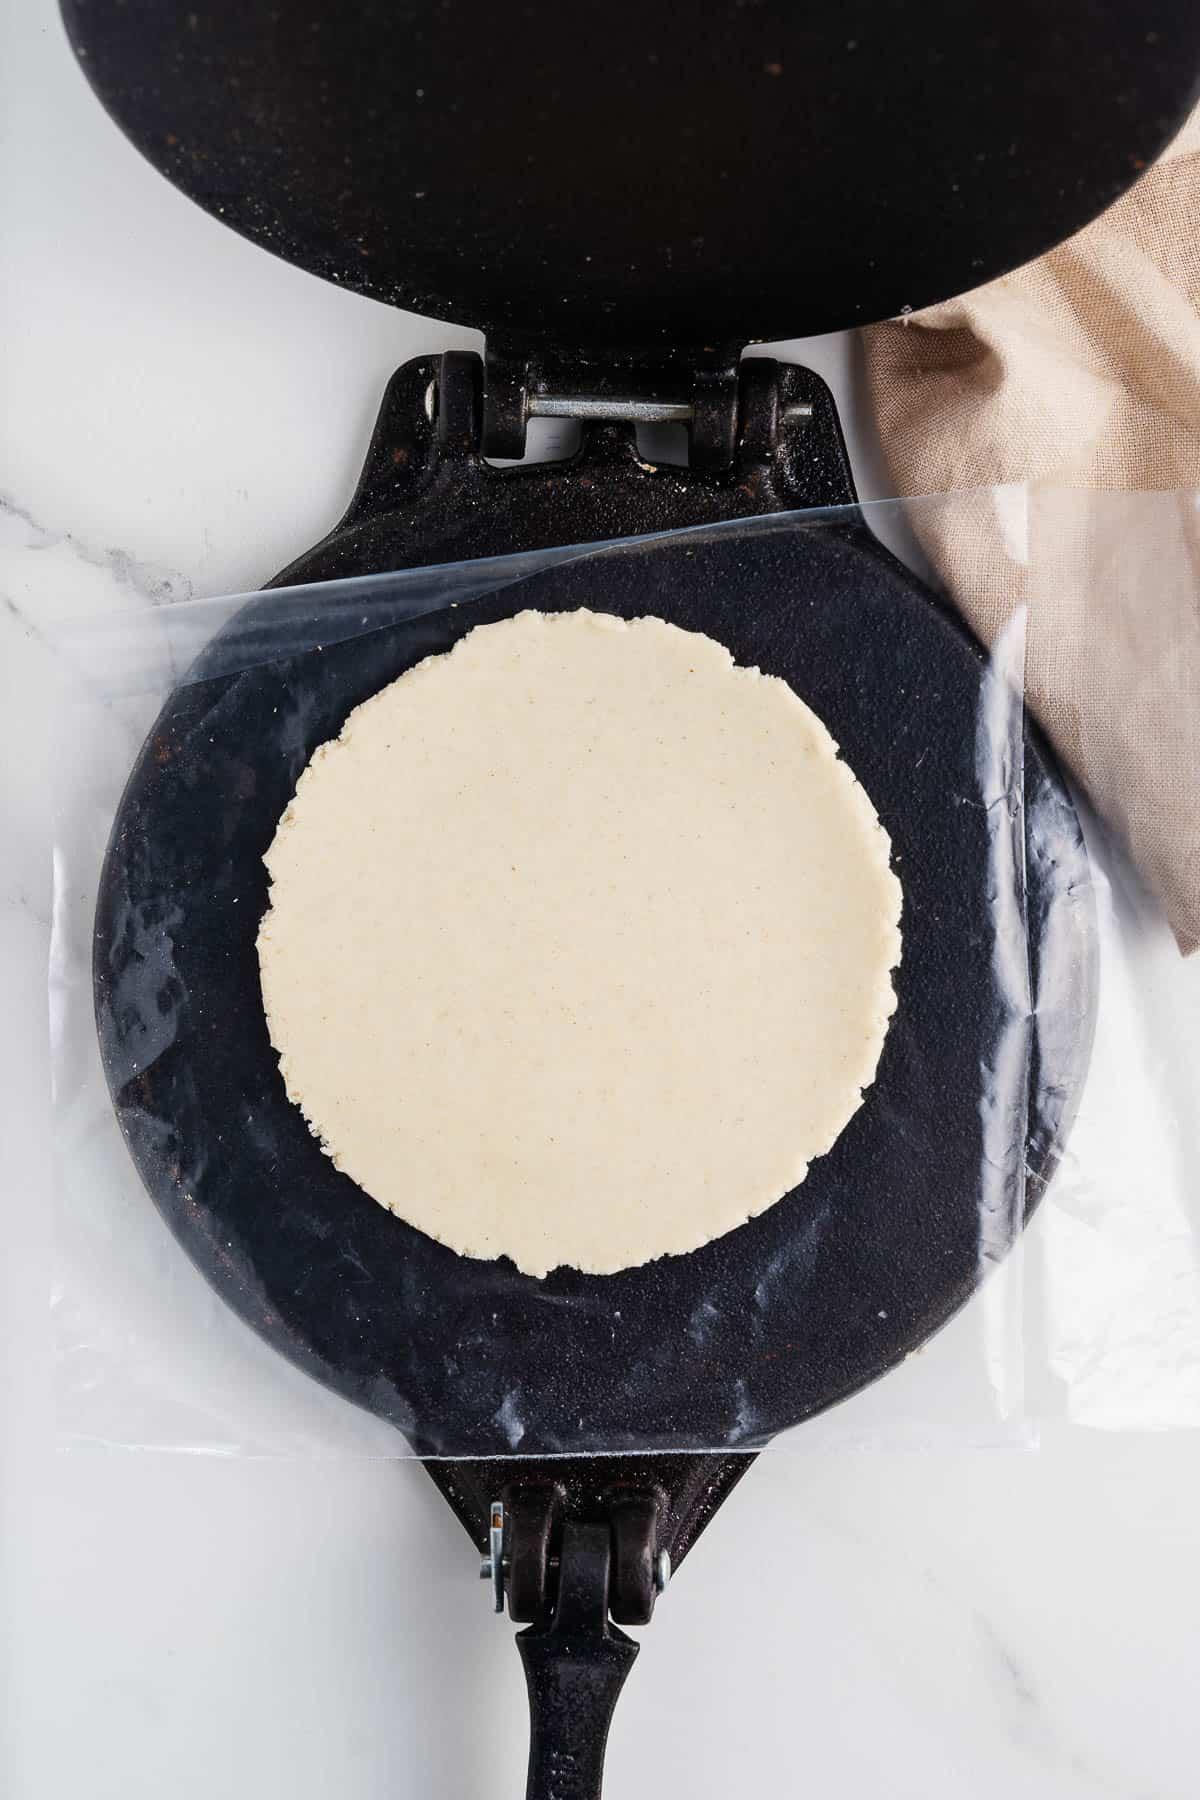 Tortilla in a Tortilla Press